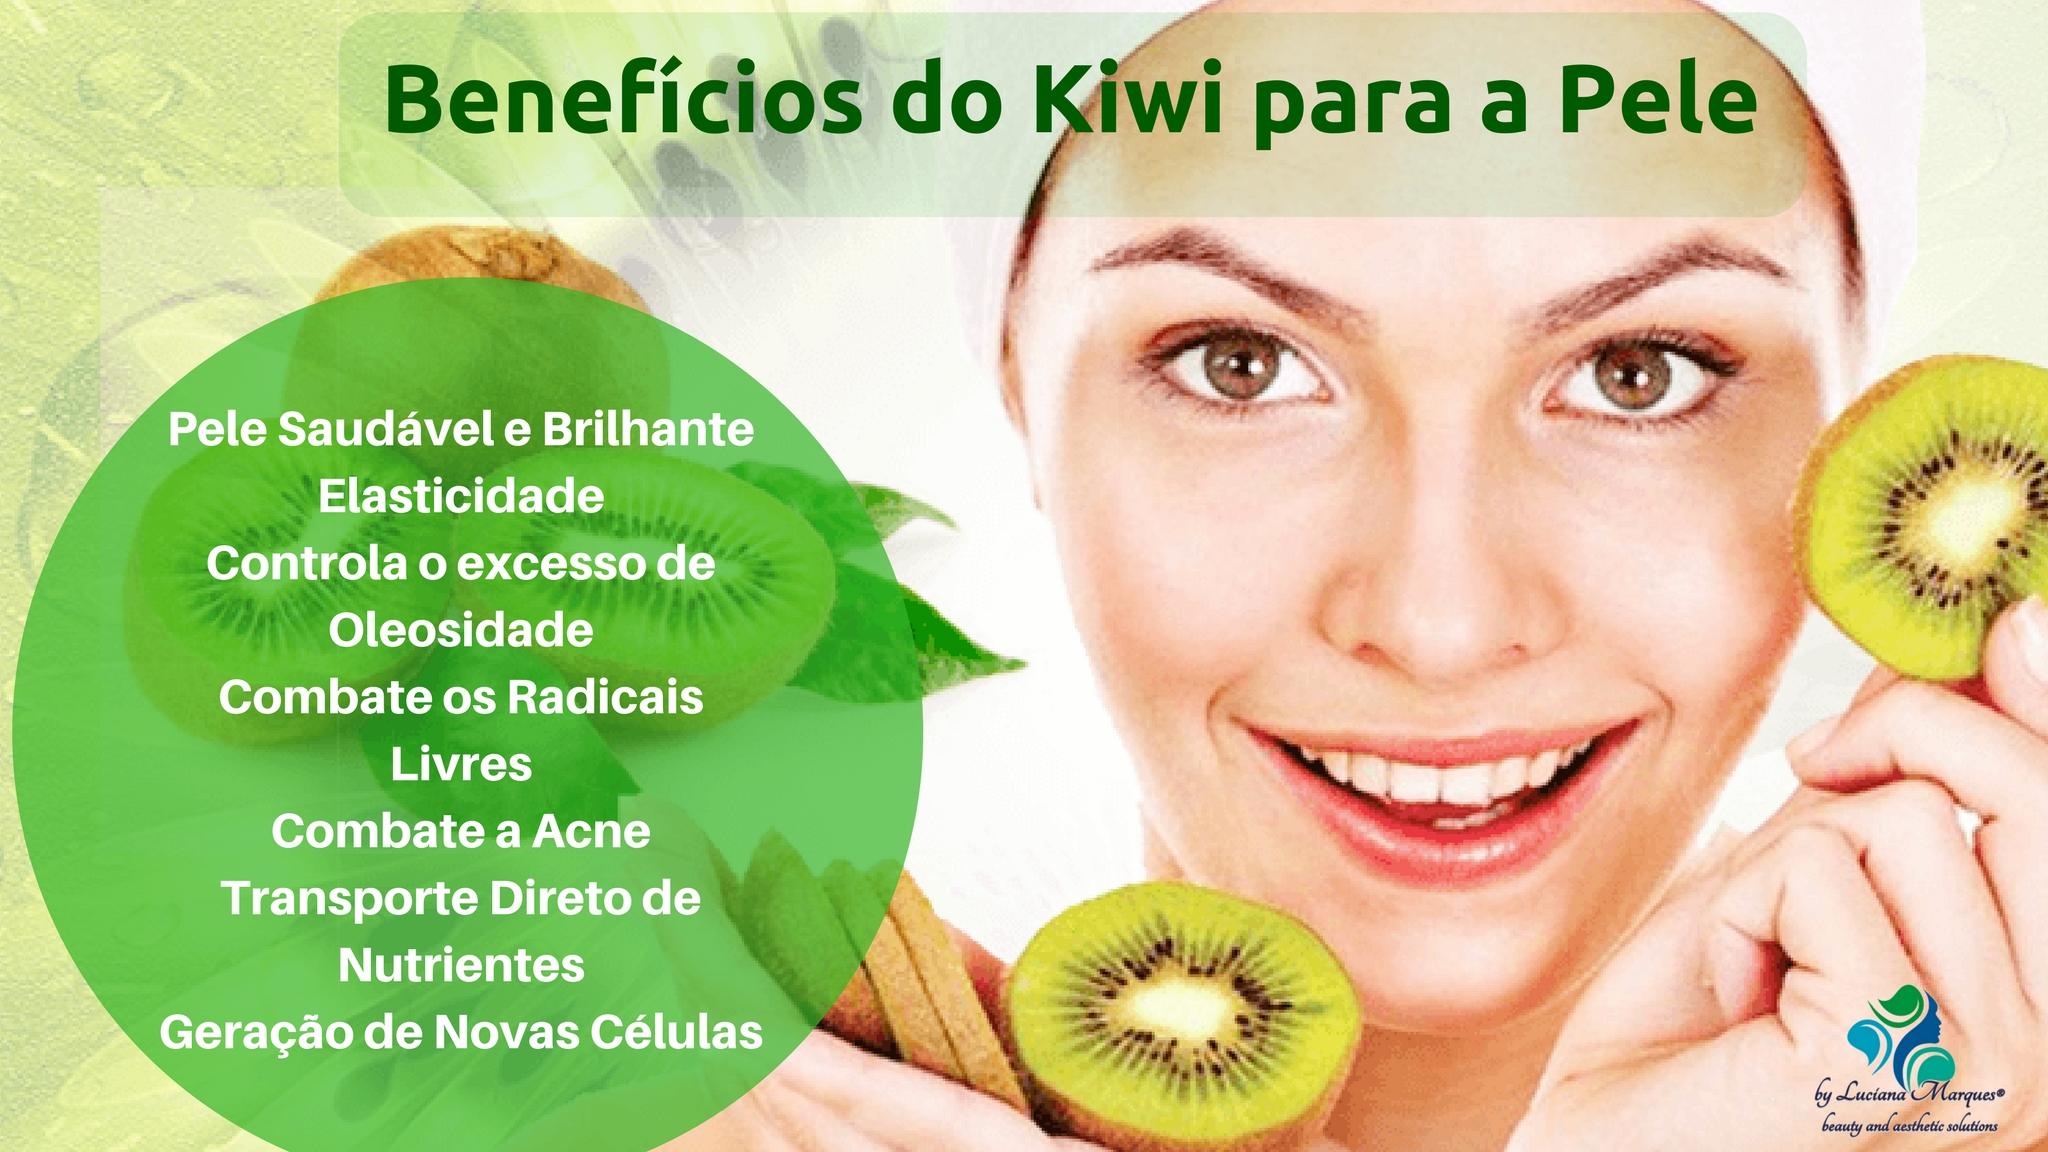 Kiwi – Benefícios para a Pele